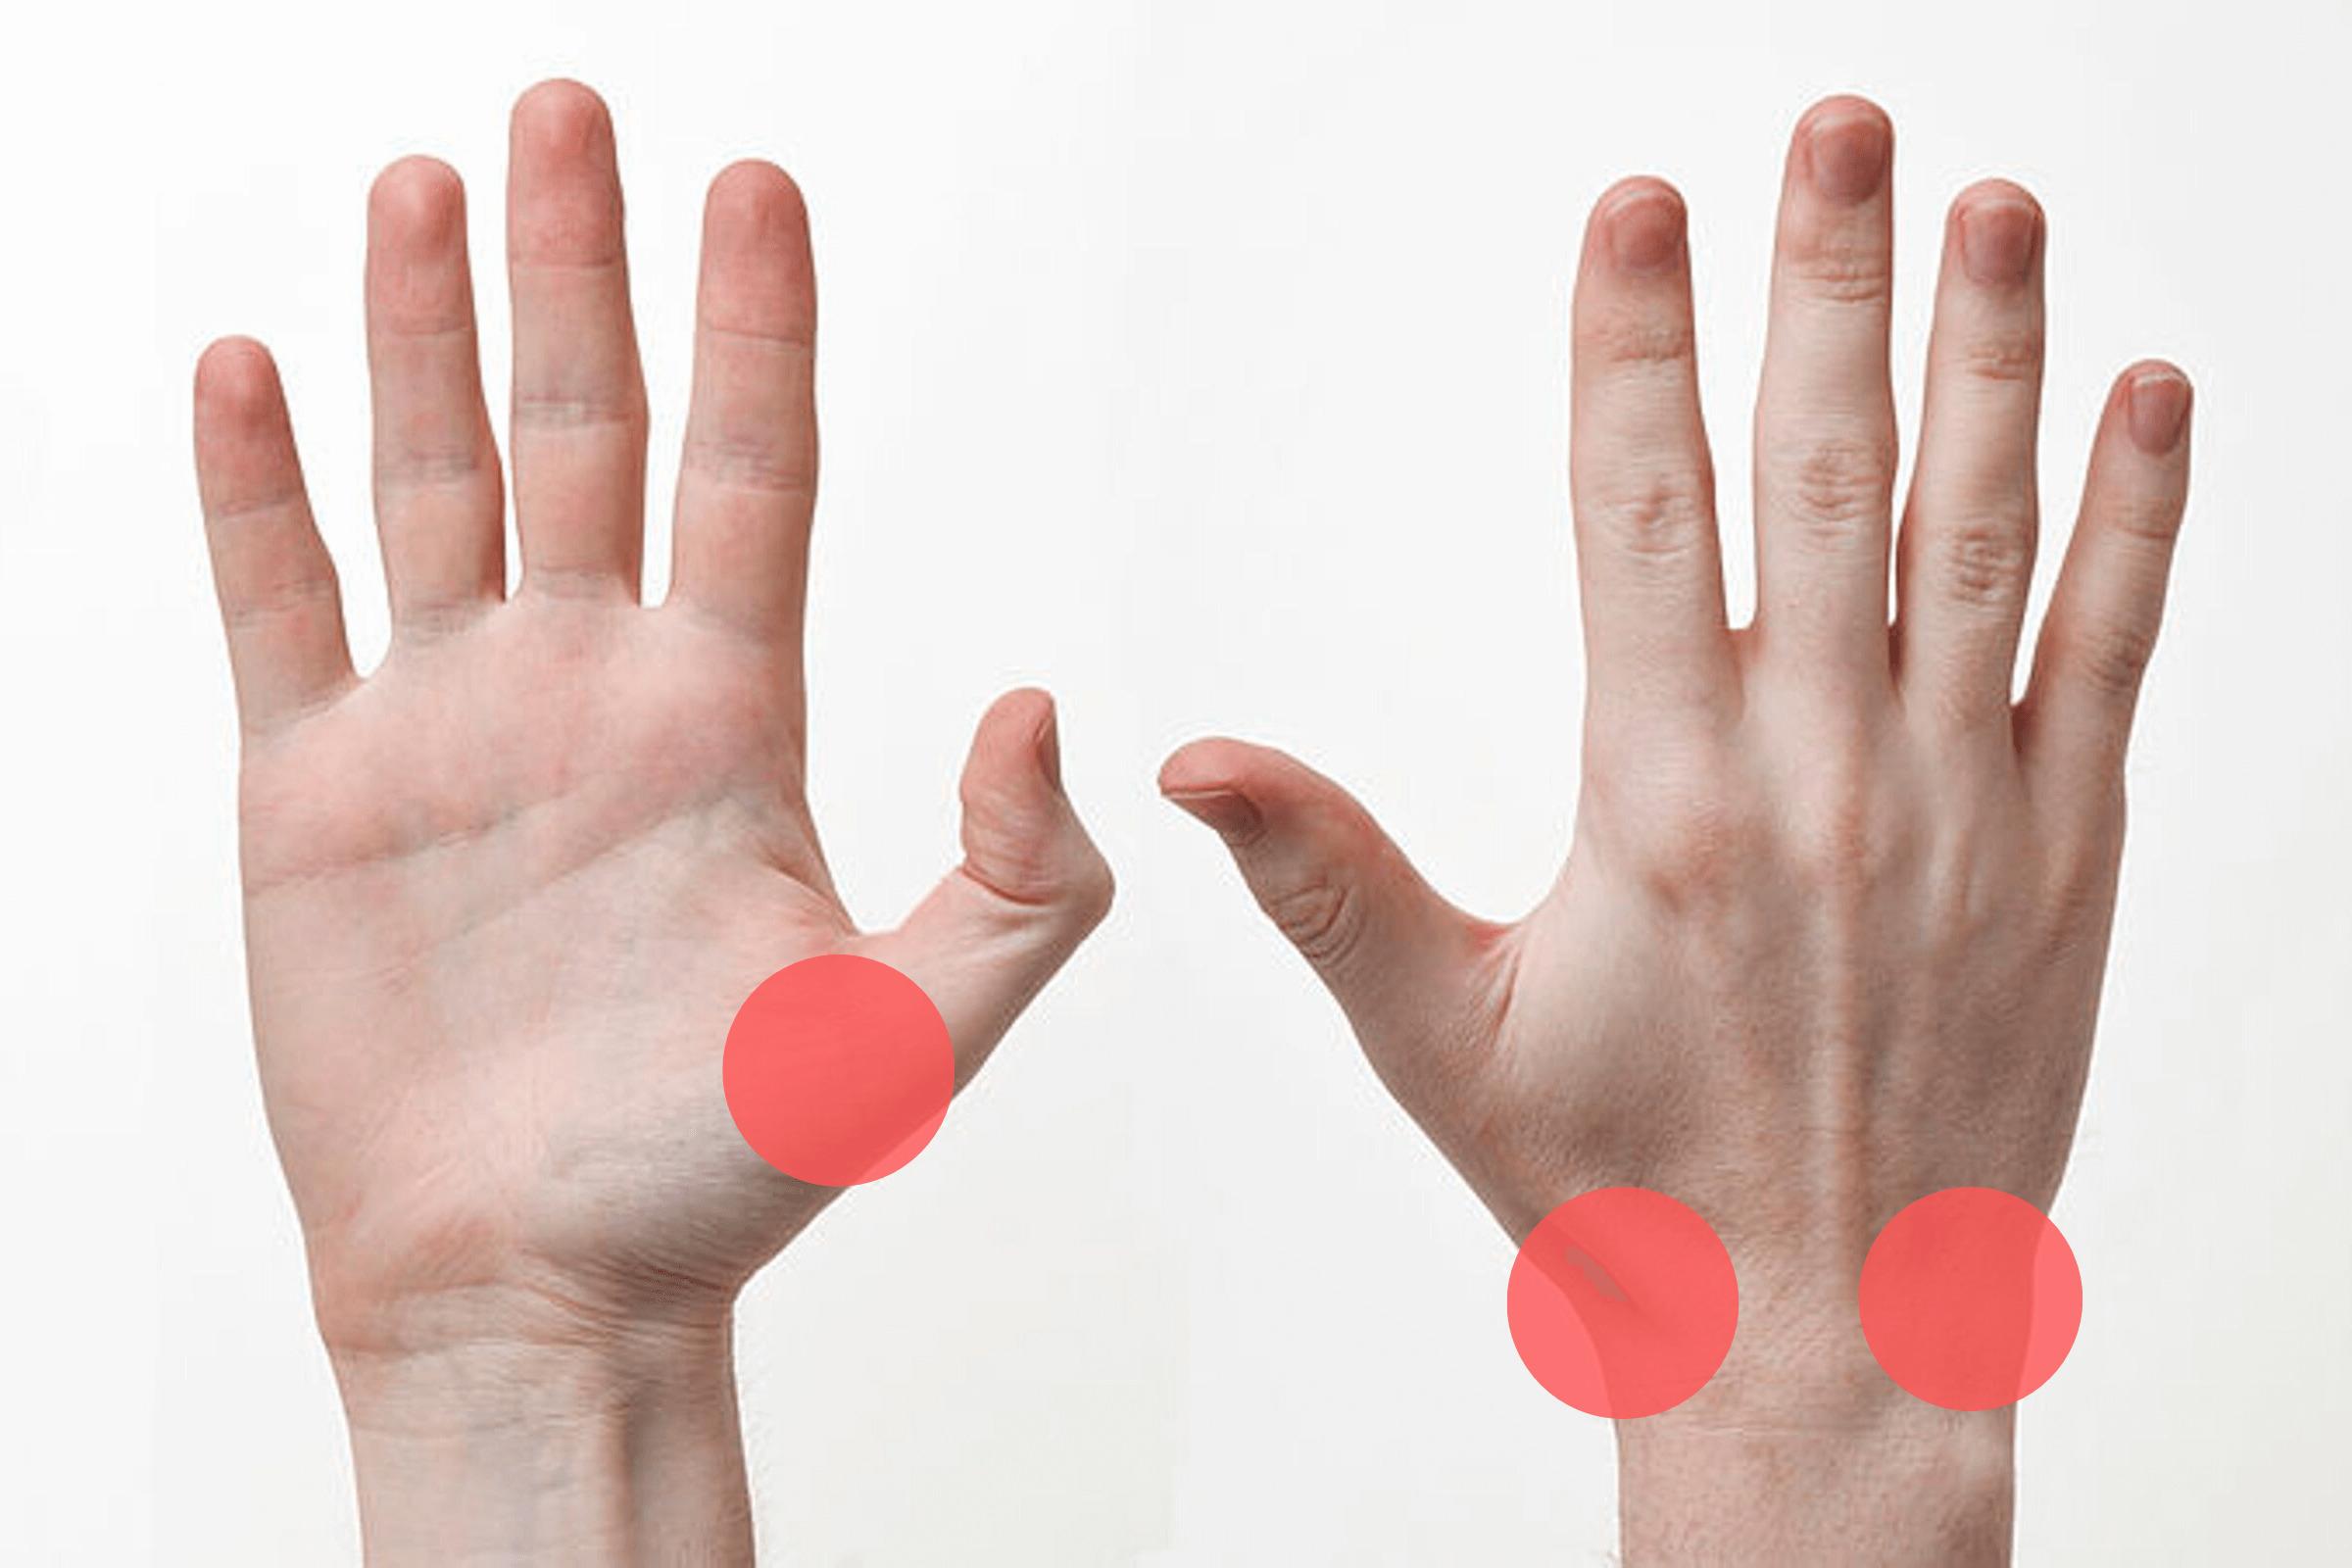 手 の 親指 の 付け根 が 痛い